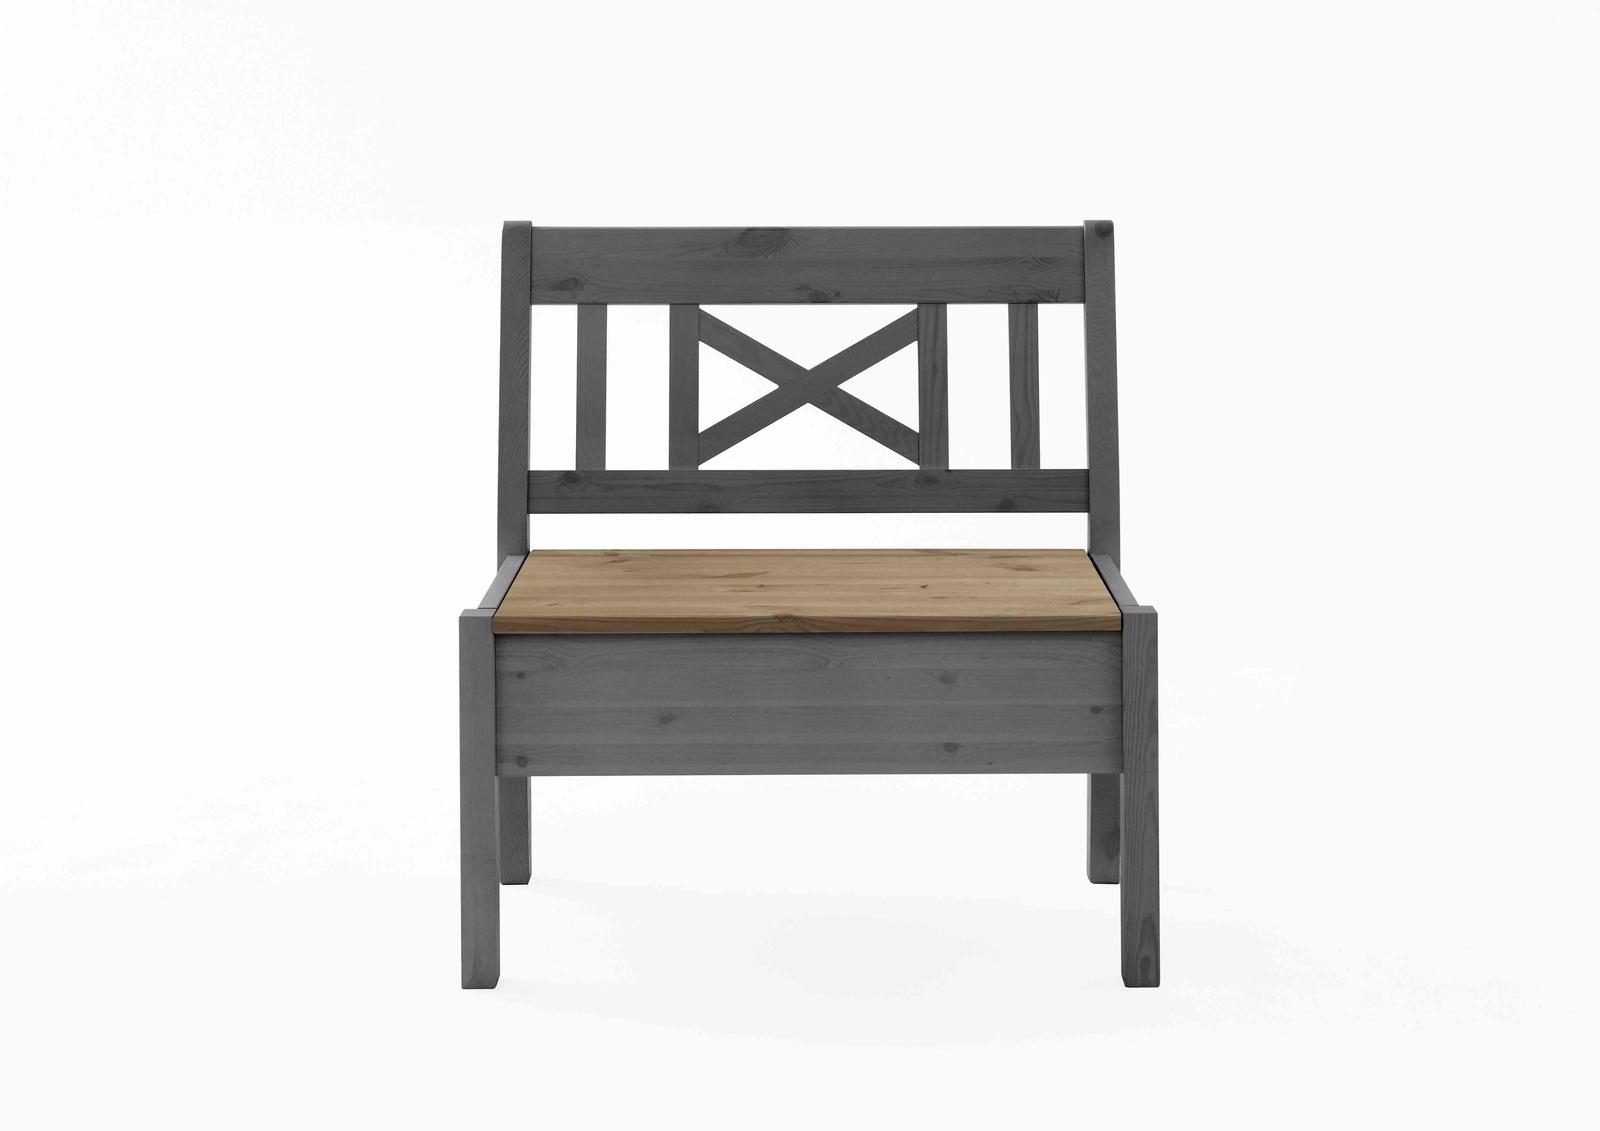 Sitzbank Fjord 82cm ohne Armlehnen, Bild 5